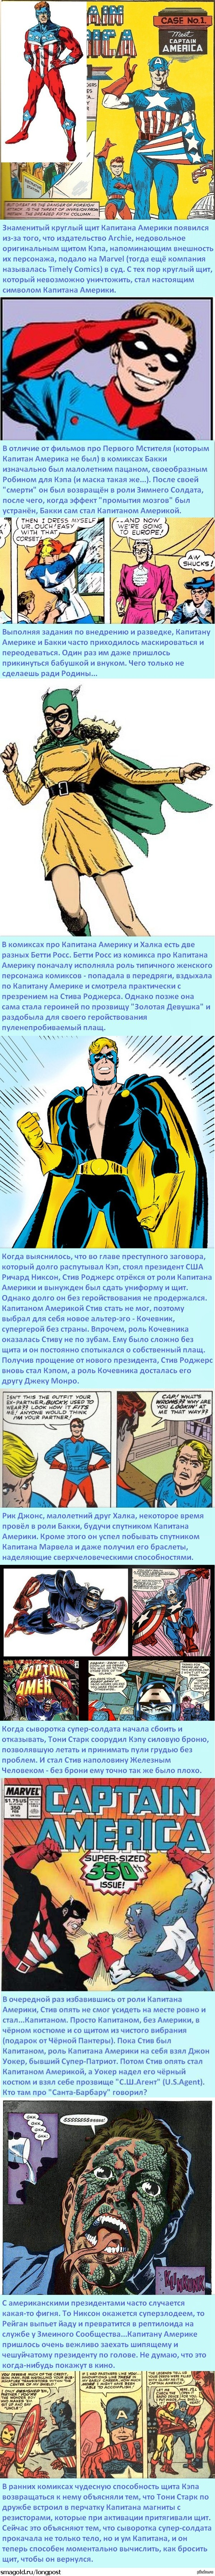 Факты о супергероях: Капитан Америка То, чего нет в фильмах. Теперь, возможно, менее вырвиглазно.